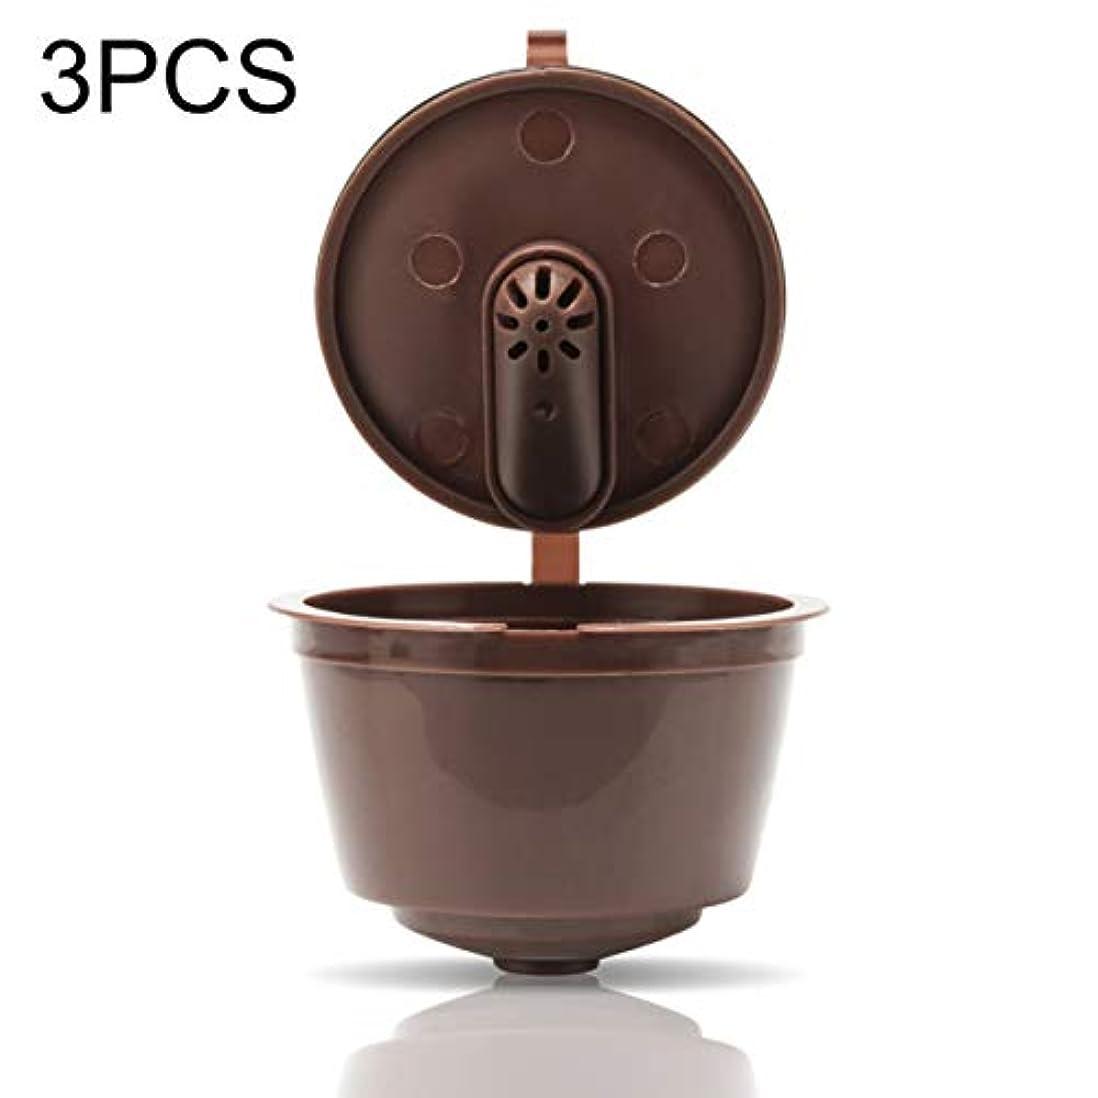 マークダウンロマンチック散歩に行くSaikogoods 更新されたバージョン コーヒーカプセル 詰め替え再利用可能 コーヒーカップ コーヒーバスケット コーヒーメーカー キッチンツールをフィルター ダークブラウン 3PCS